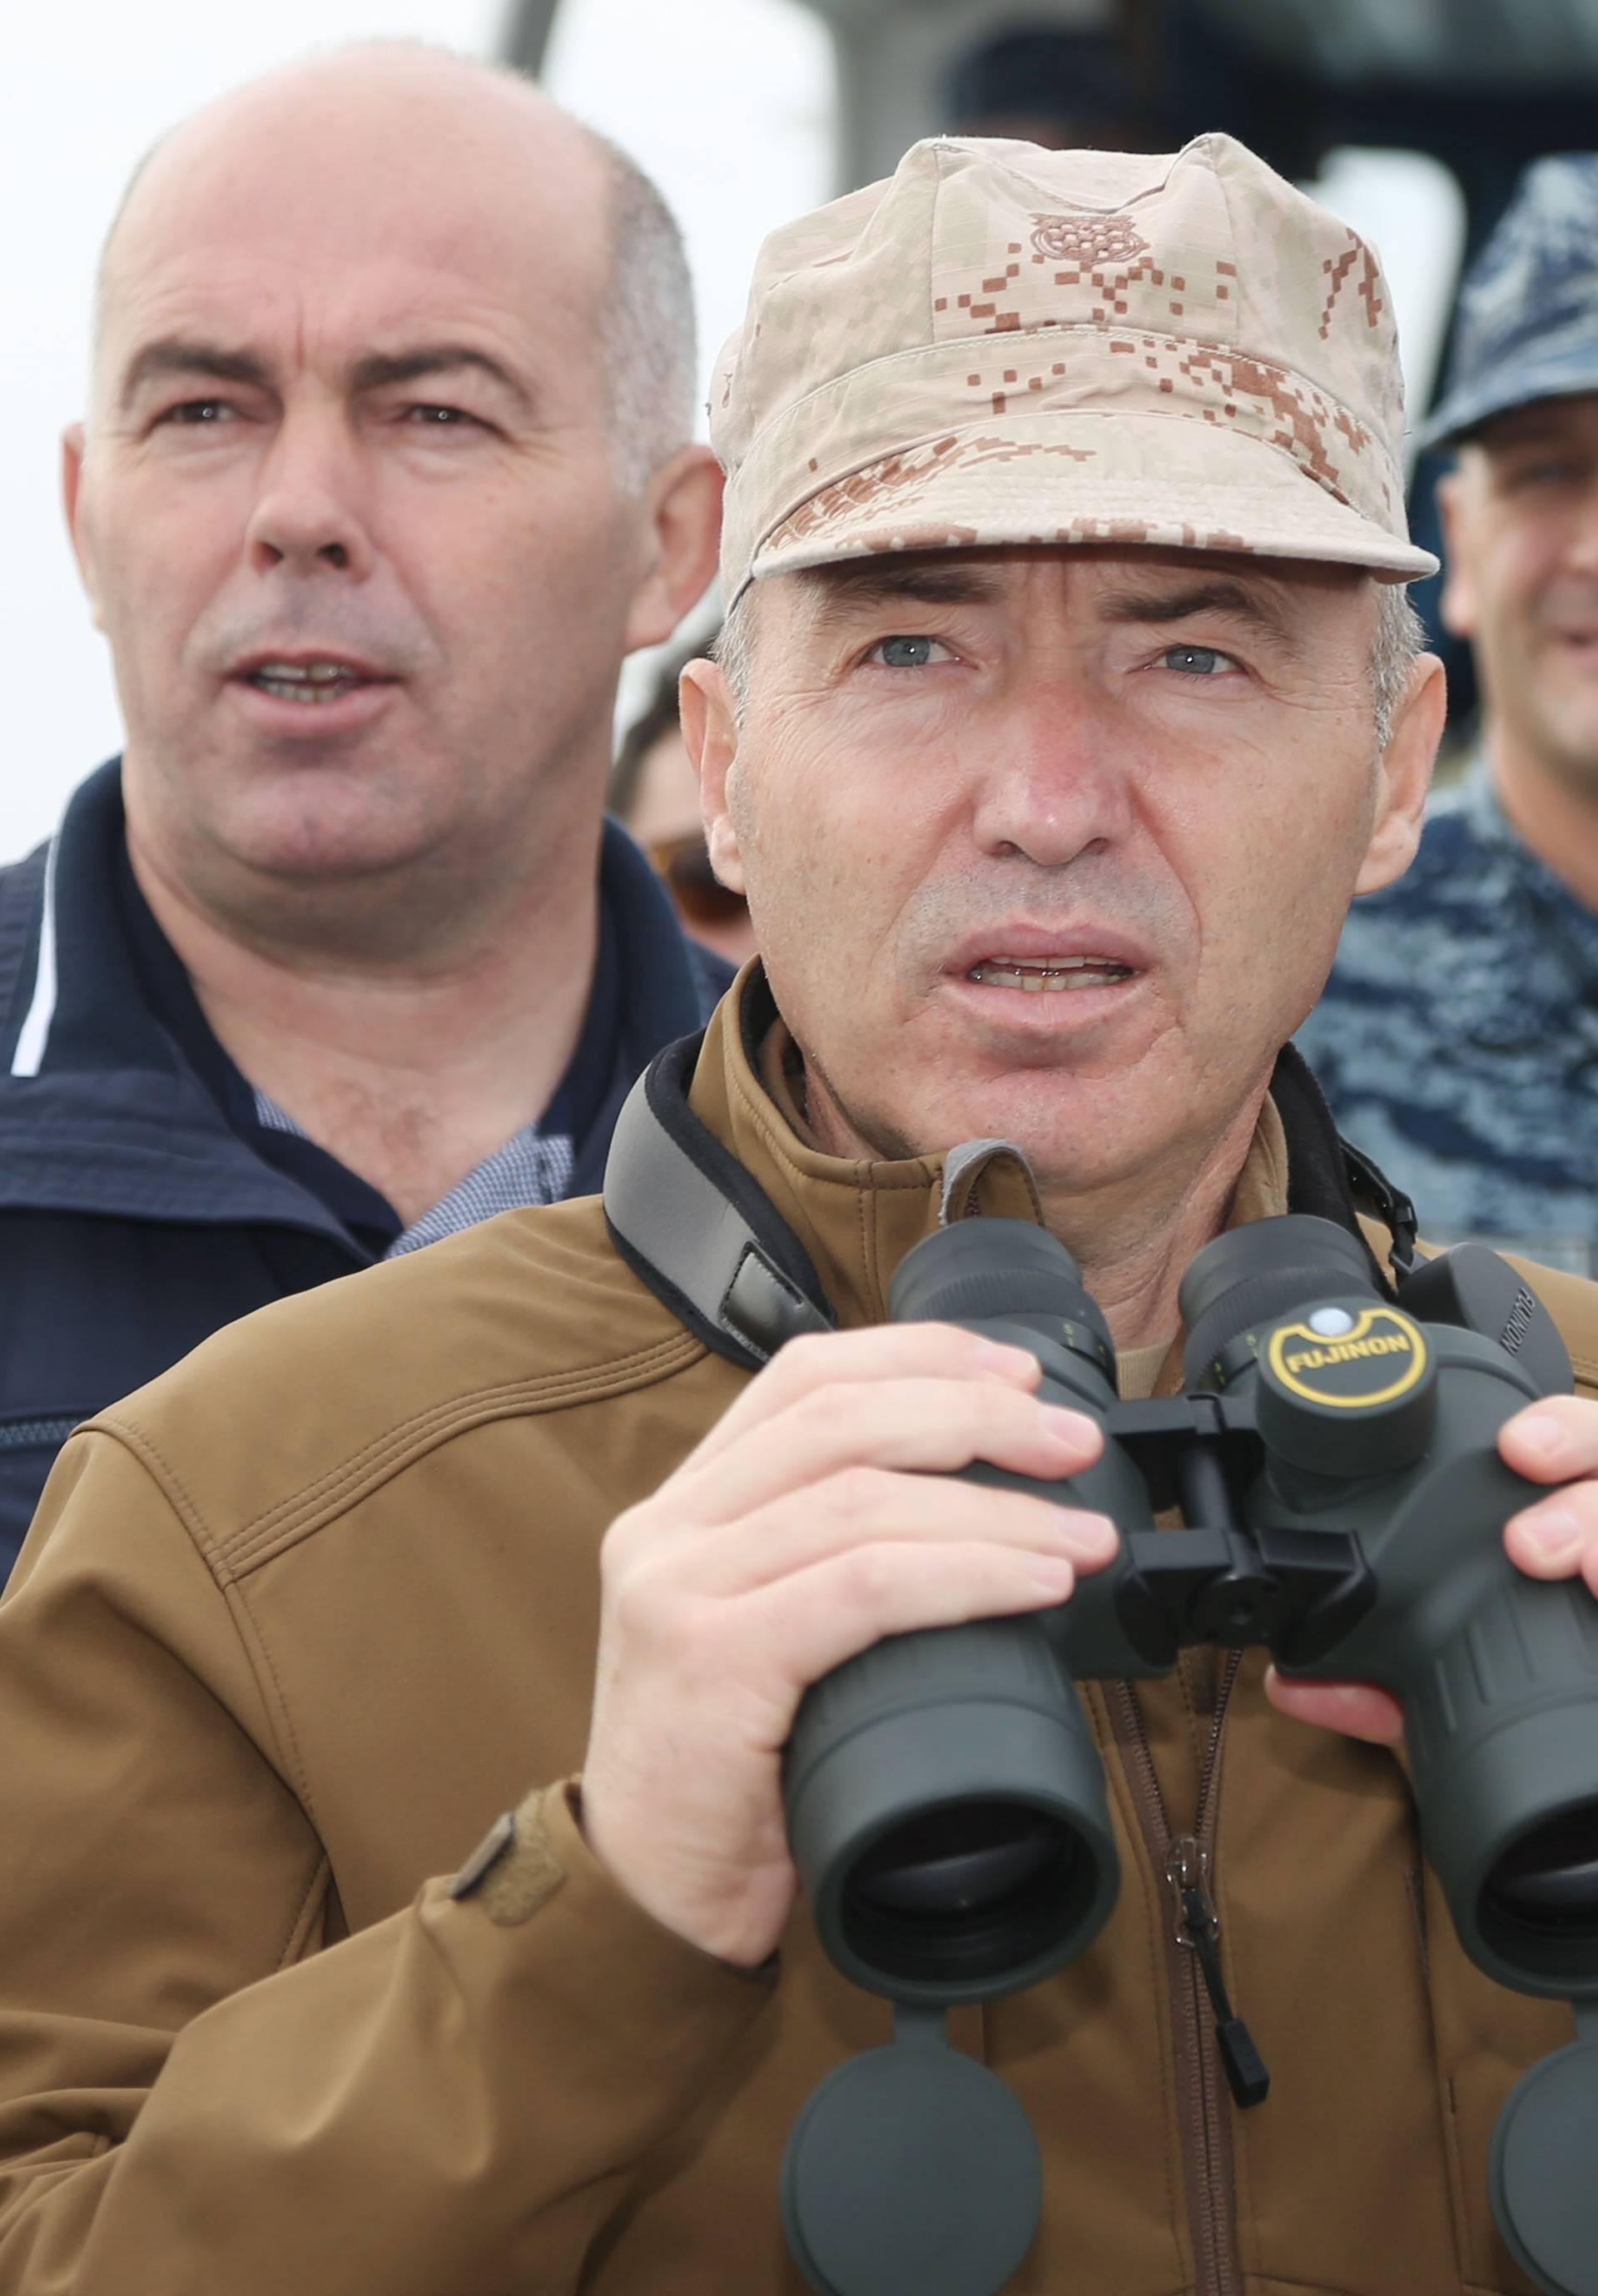 Zataškane afere: Krstičević je imao puno problema s vojskom